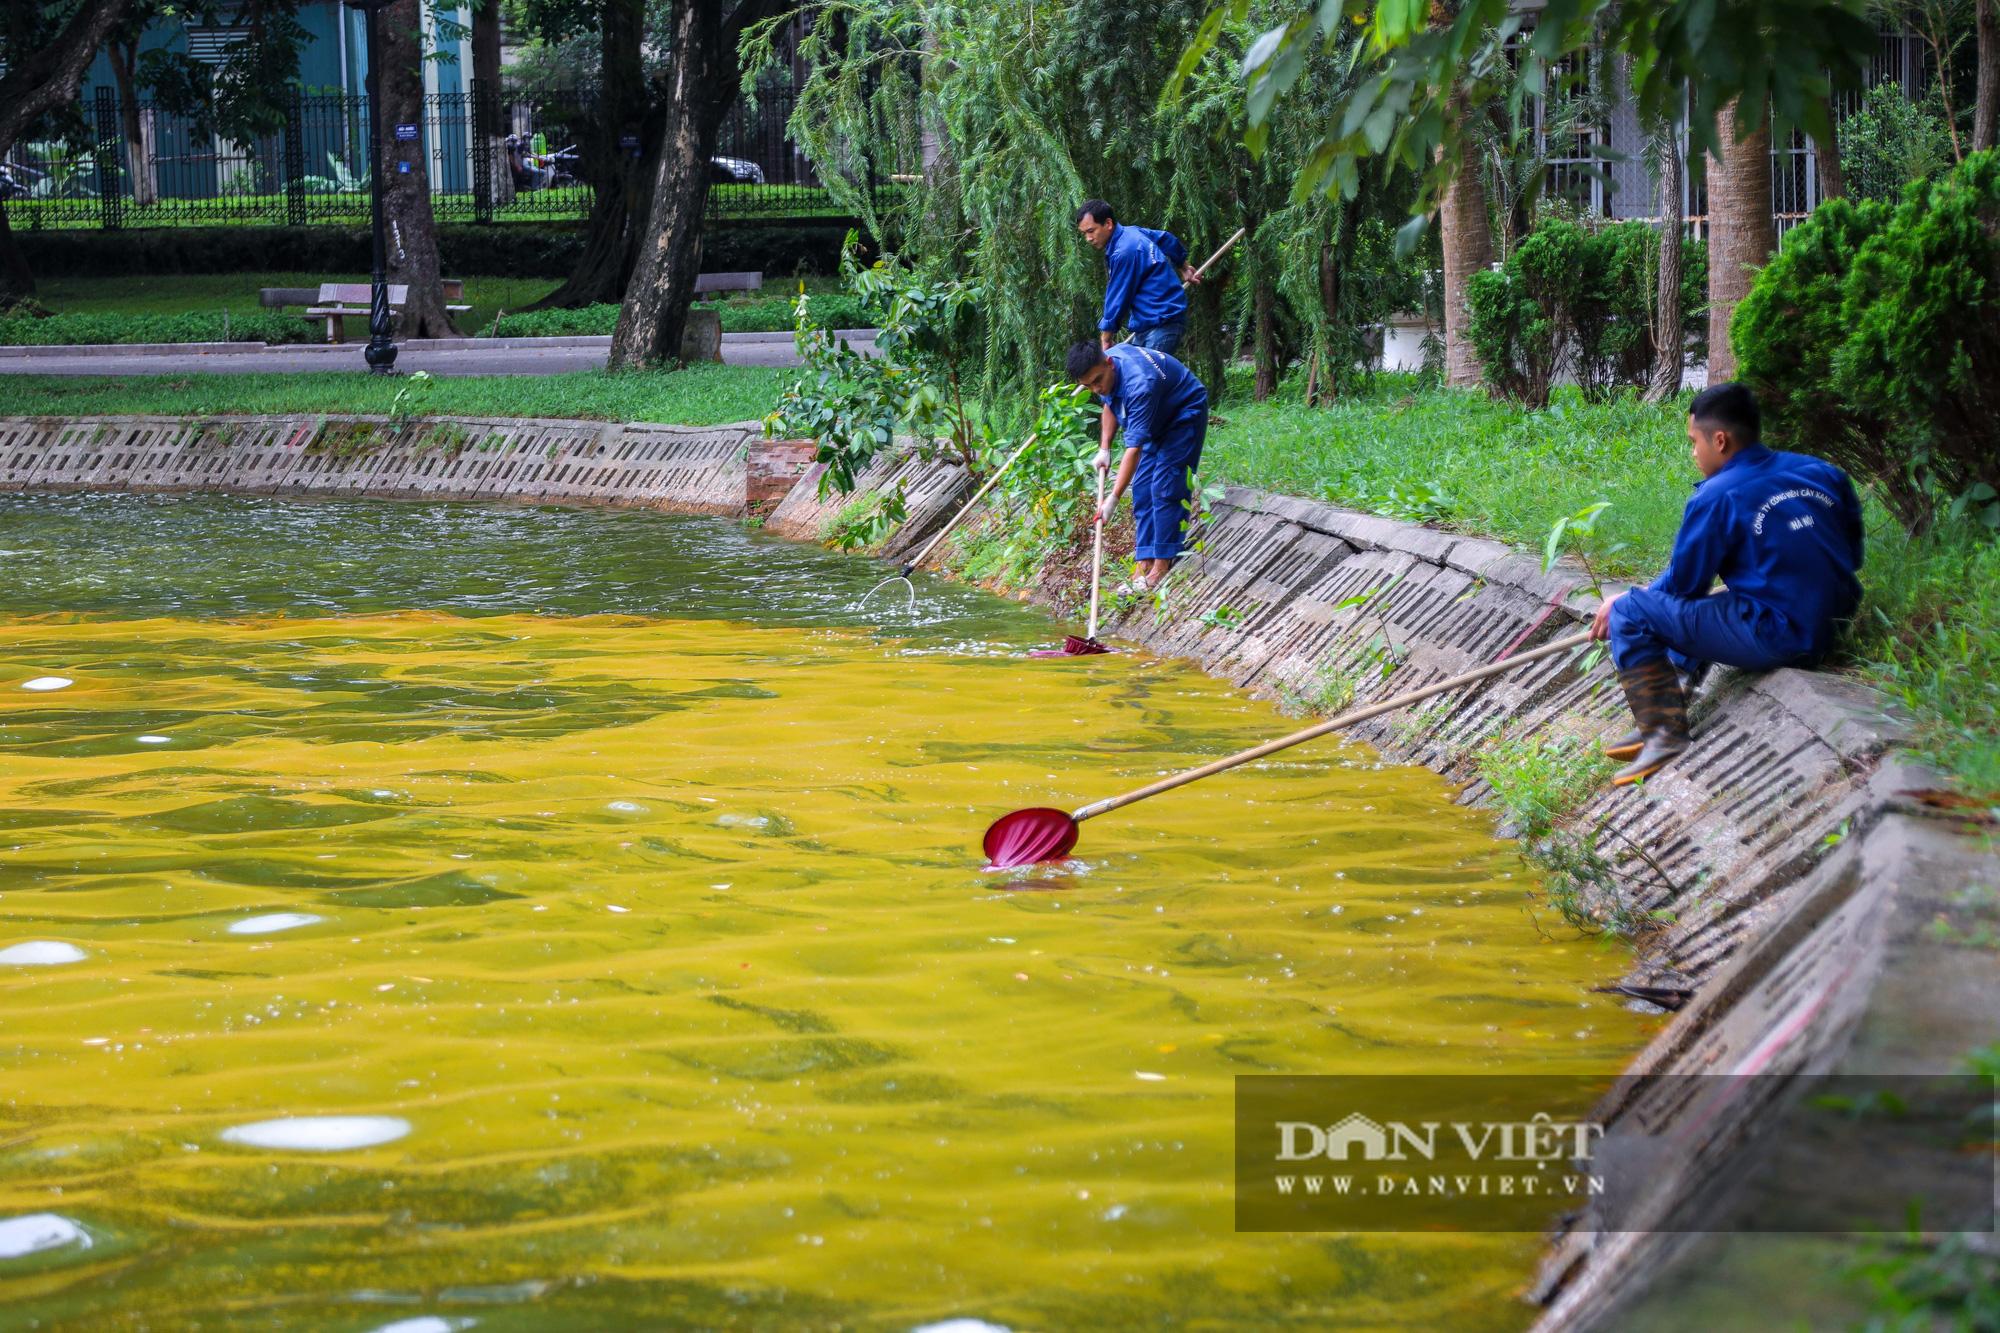 Hà Nội: Mặt nước hồ Bách Thảo bất ngờ chuyển màu vàng lạ mắt - Ảnh 7.